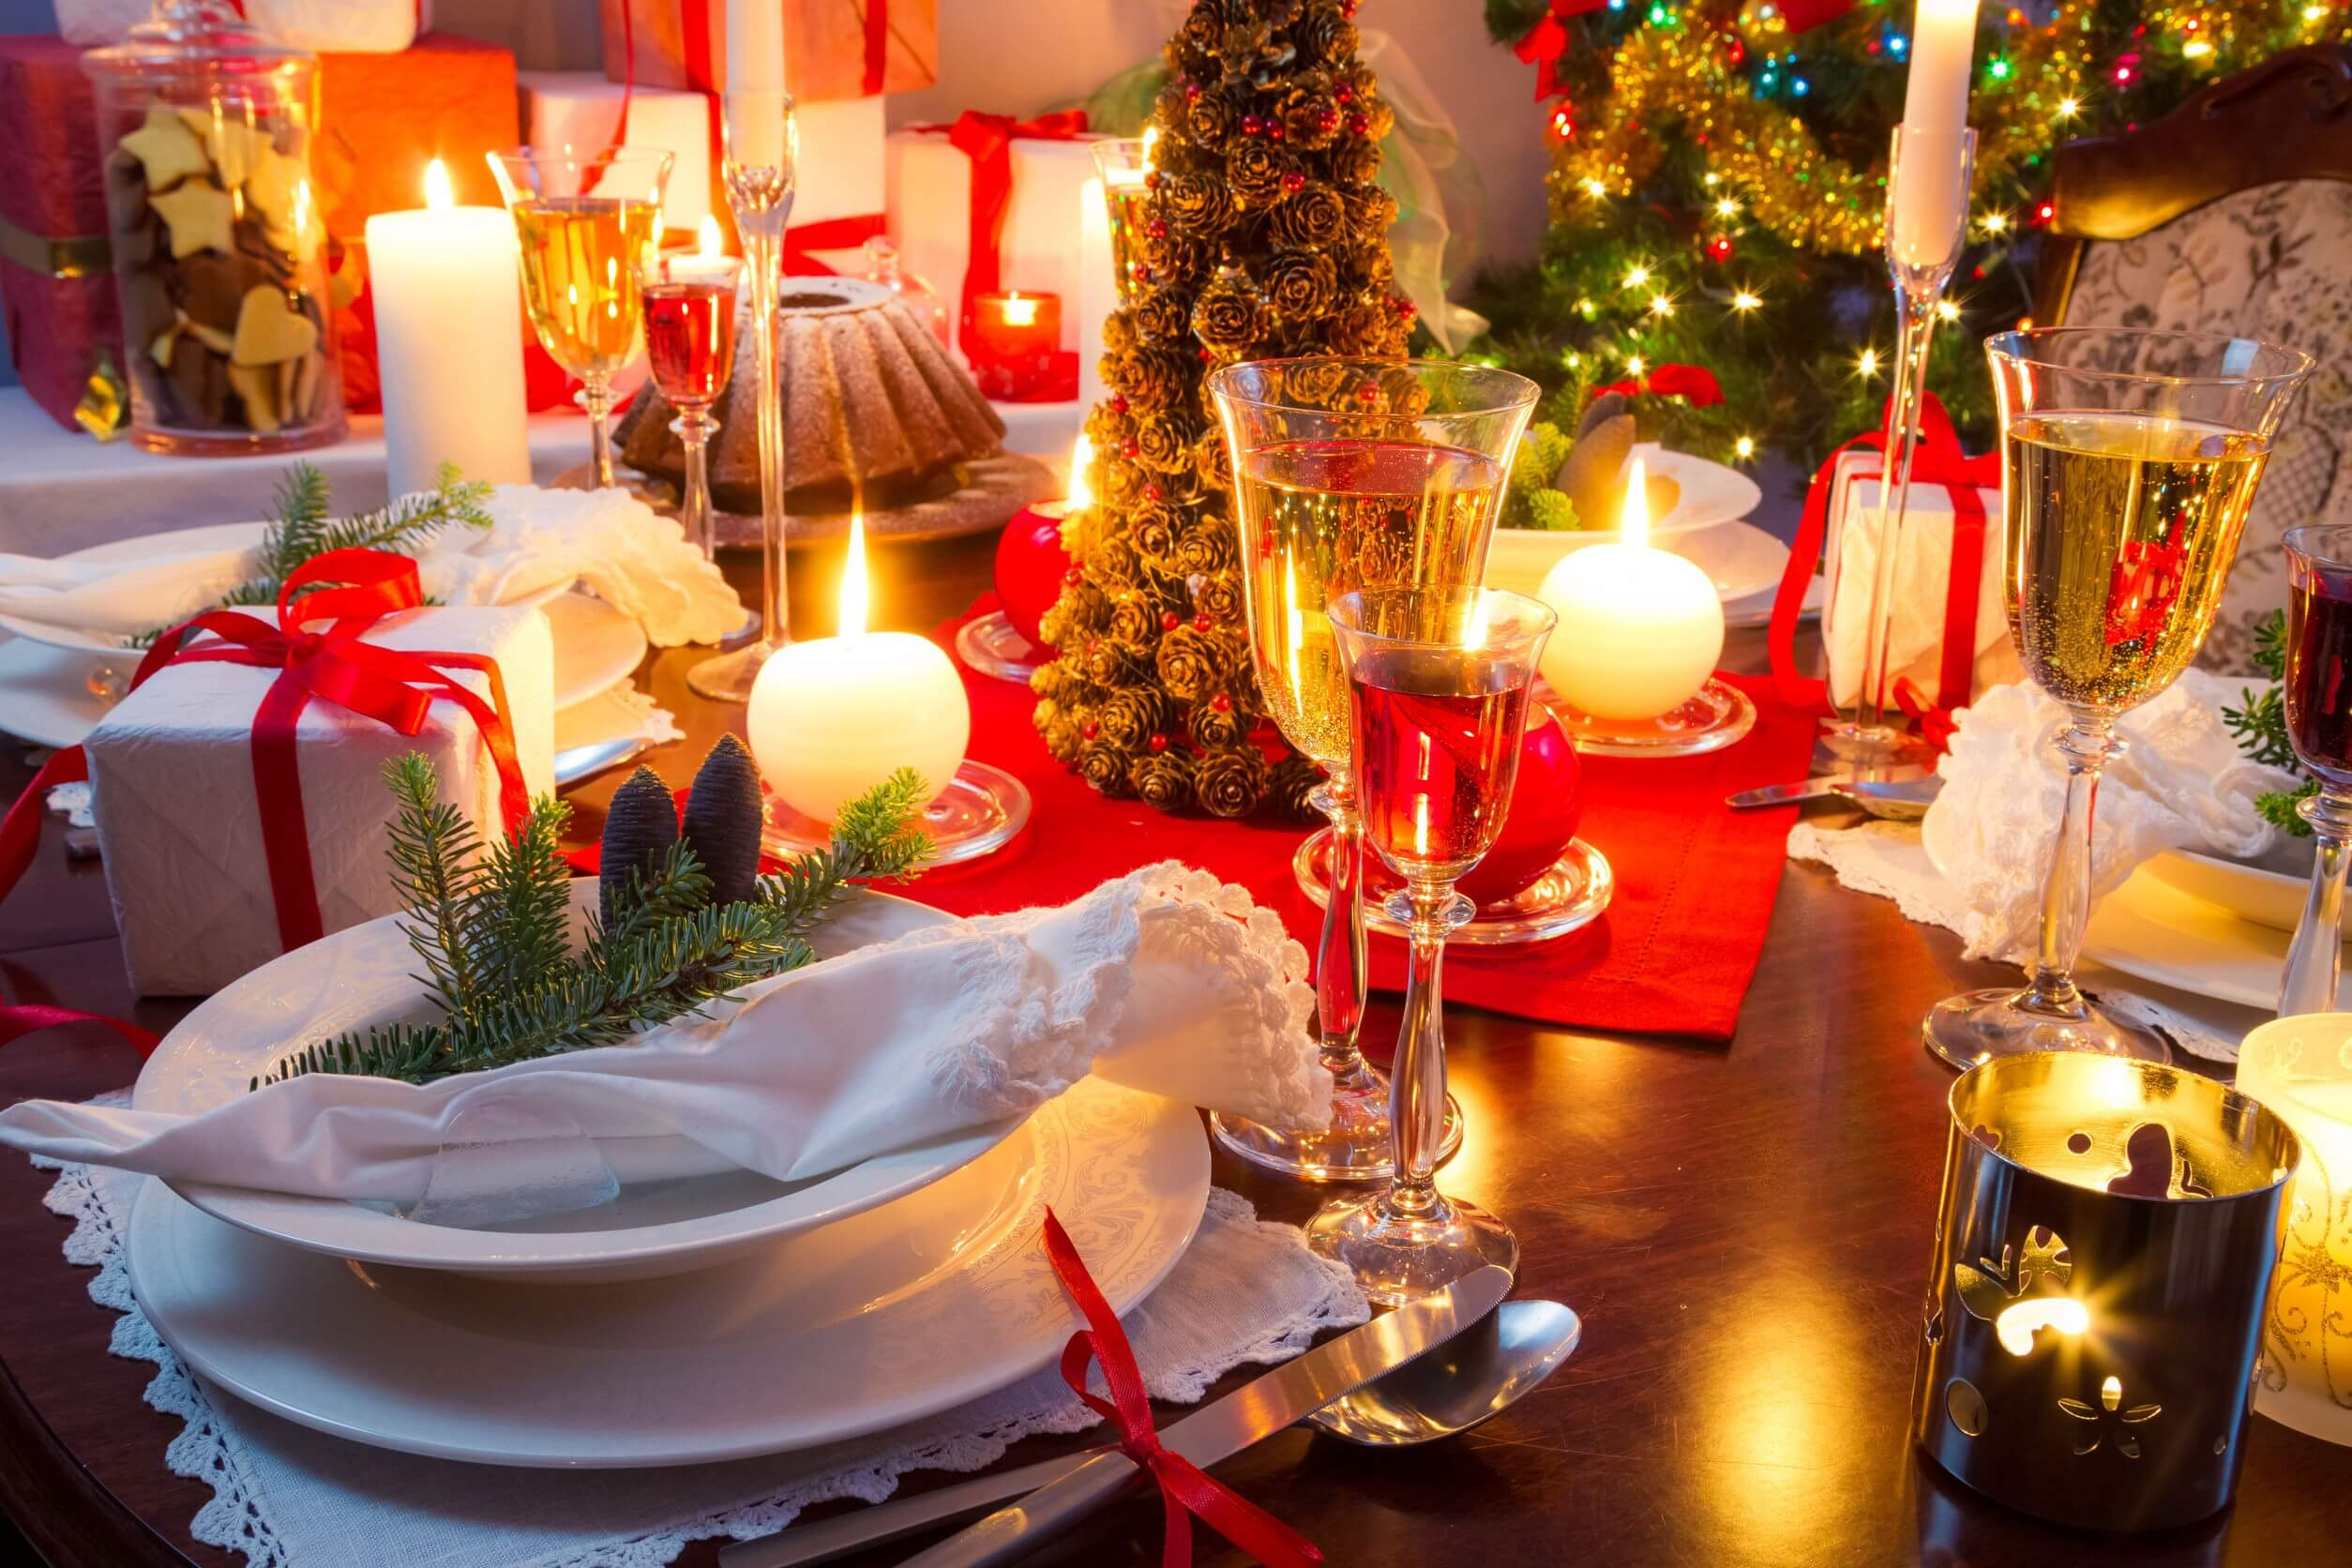 Élje át kollégáival a karácsonyi varázslatot Visegrád tetején